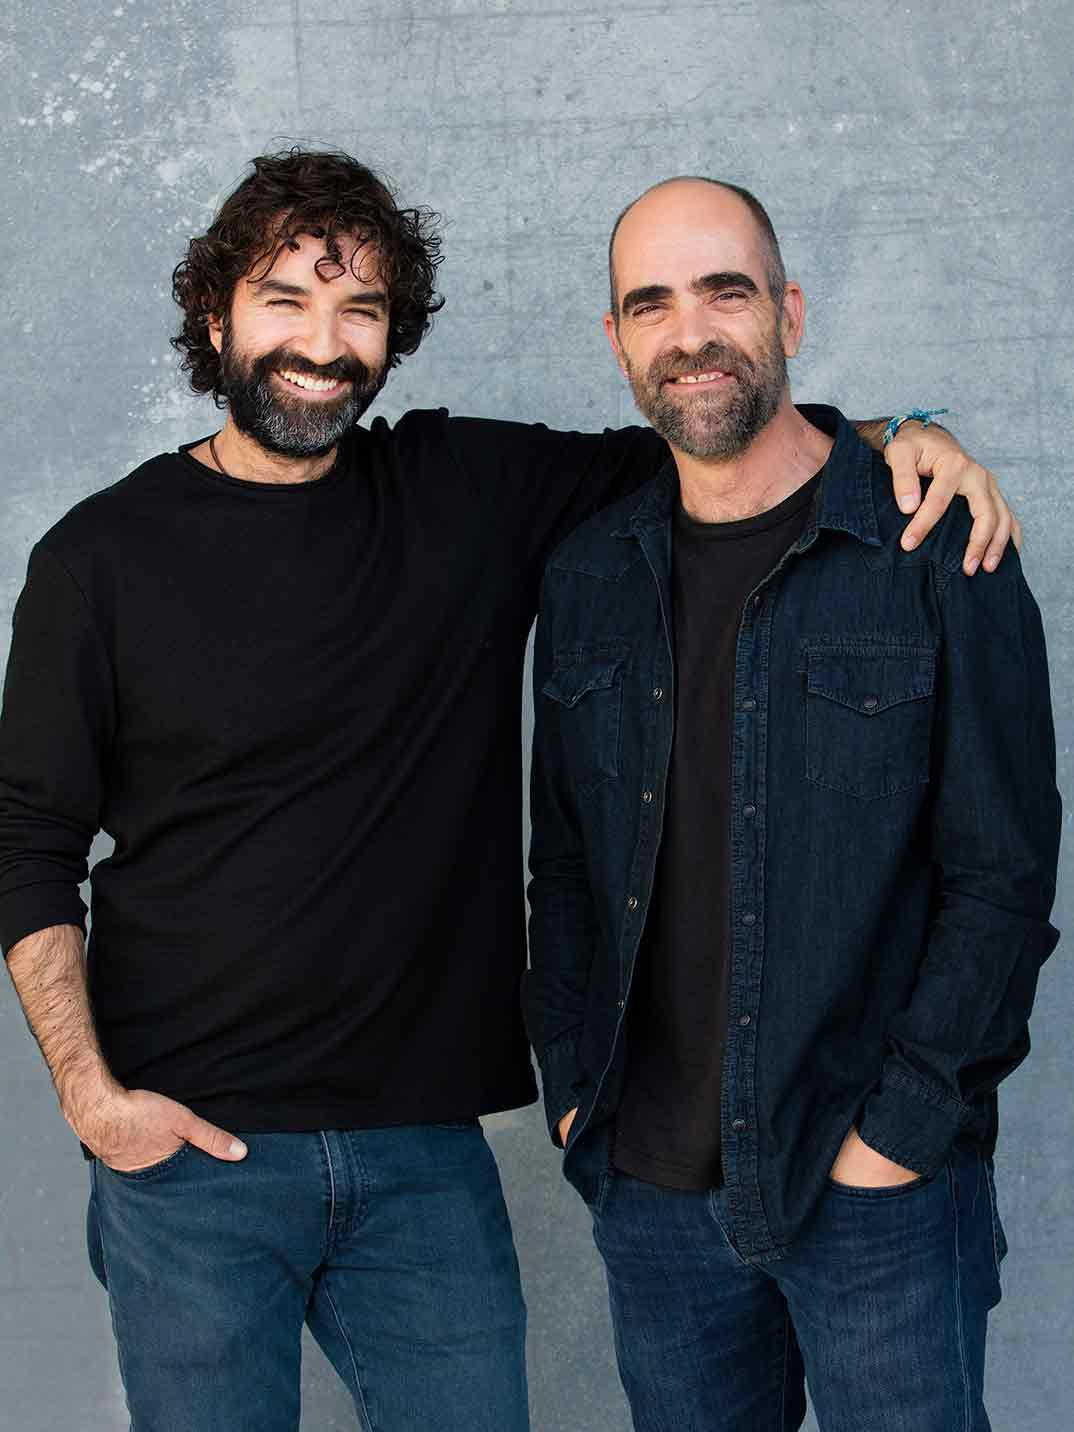 Mateo Gil y Luis Tosar - Los favoritos de Midas © Netflix